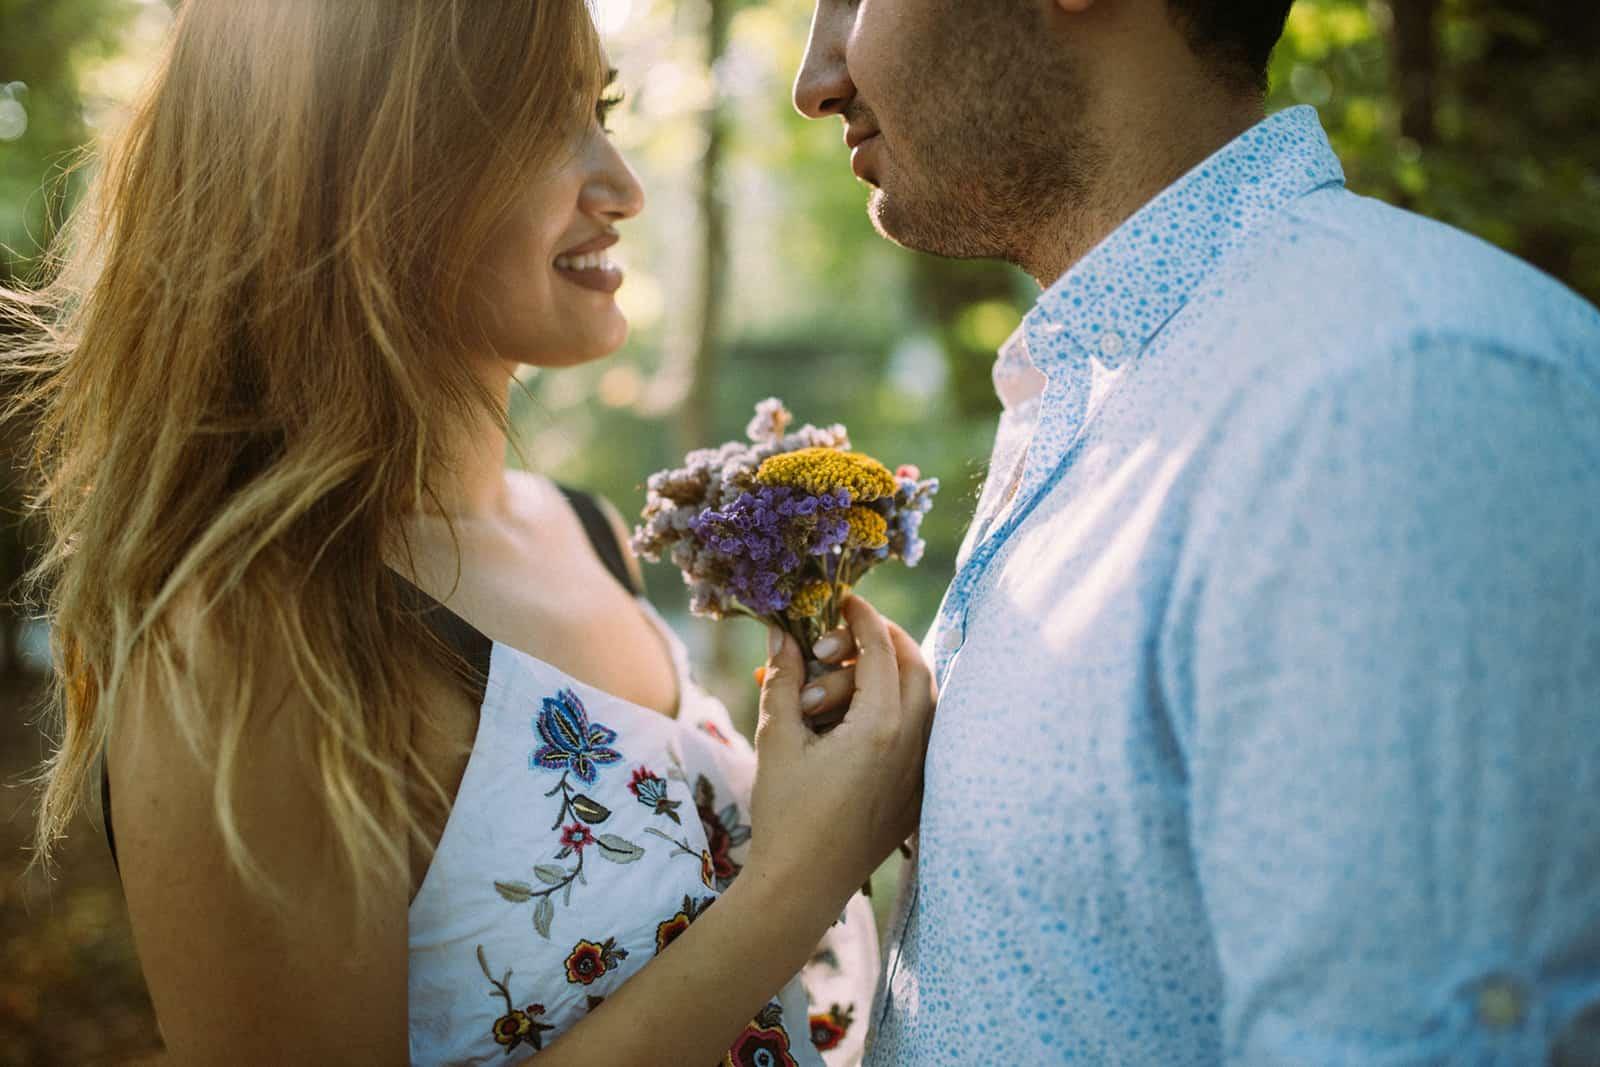 eine lächelnde Frau, die einen Blumenstrauß vor einem Mann hält, der nahe bei ihr steht